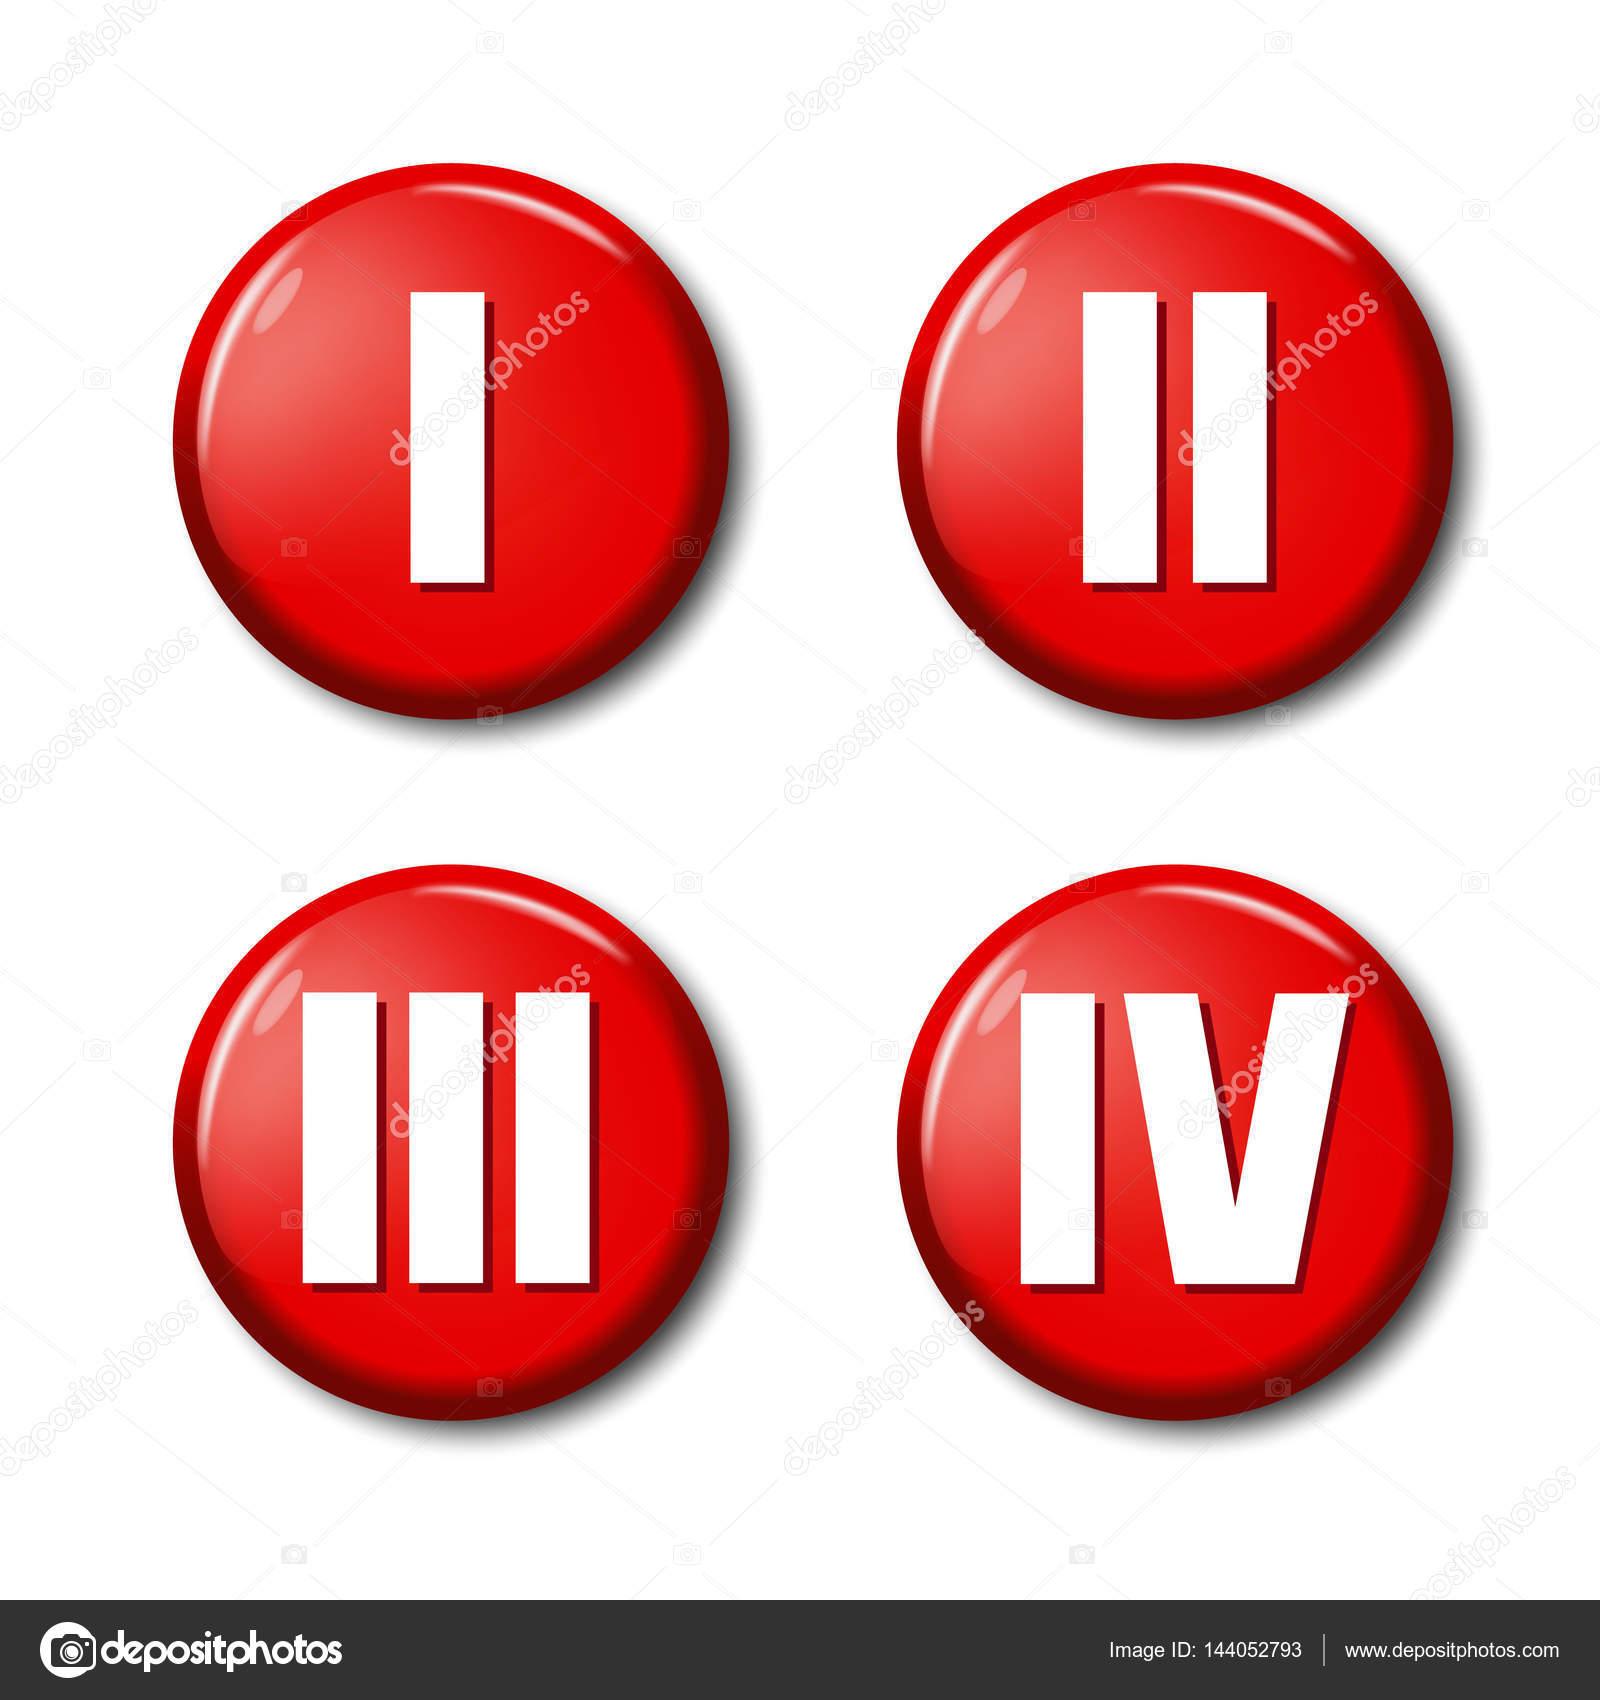 集的红色圆形按钮图标用罗马数字 1,2,3,4.